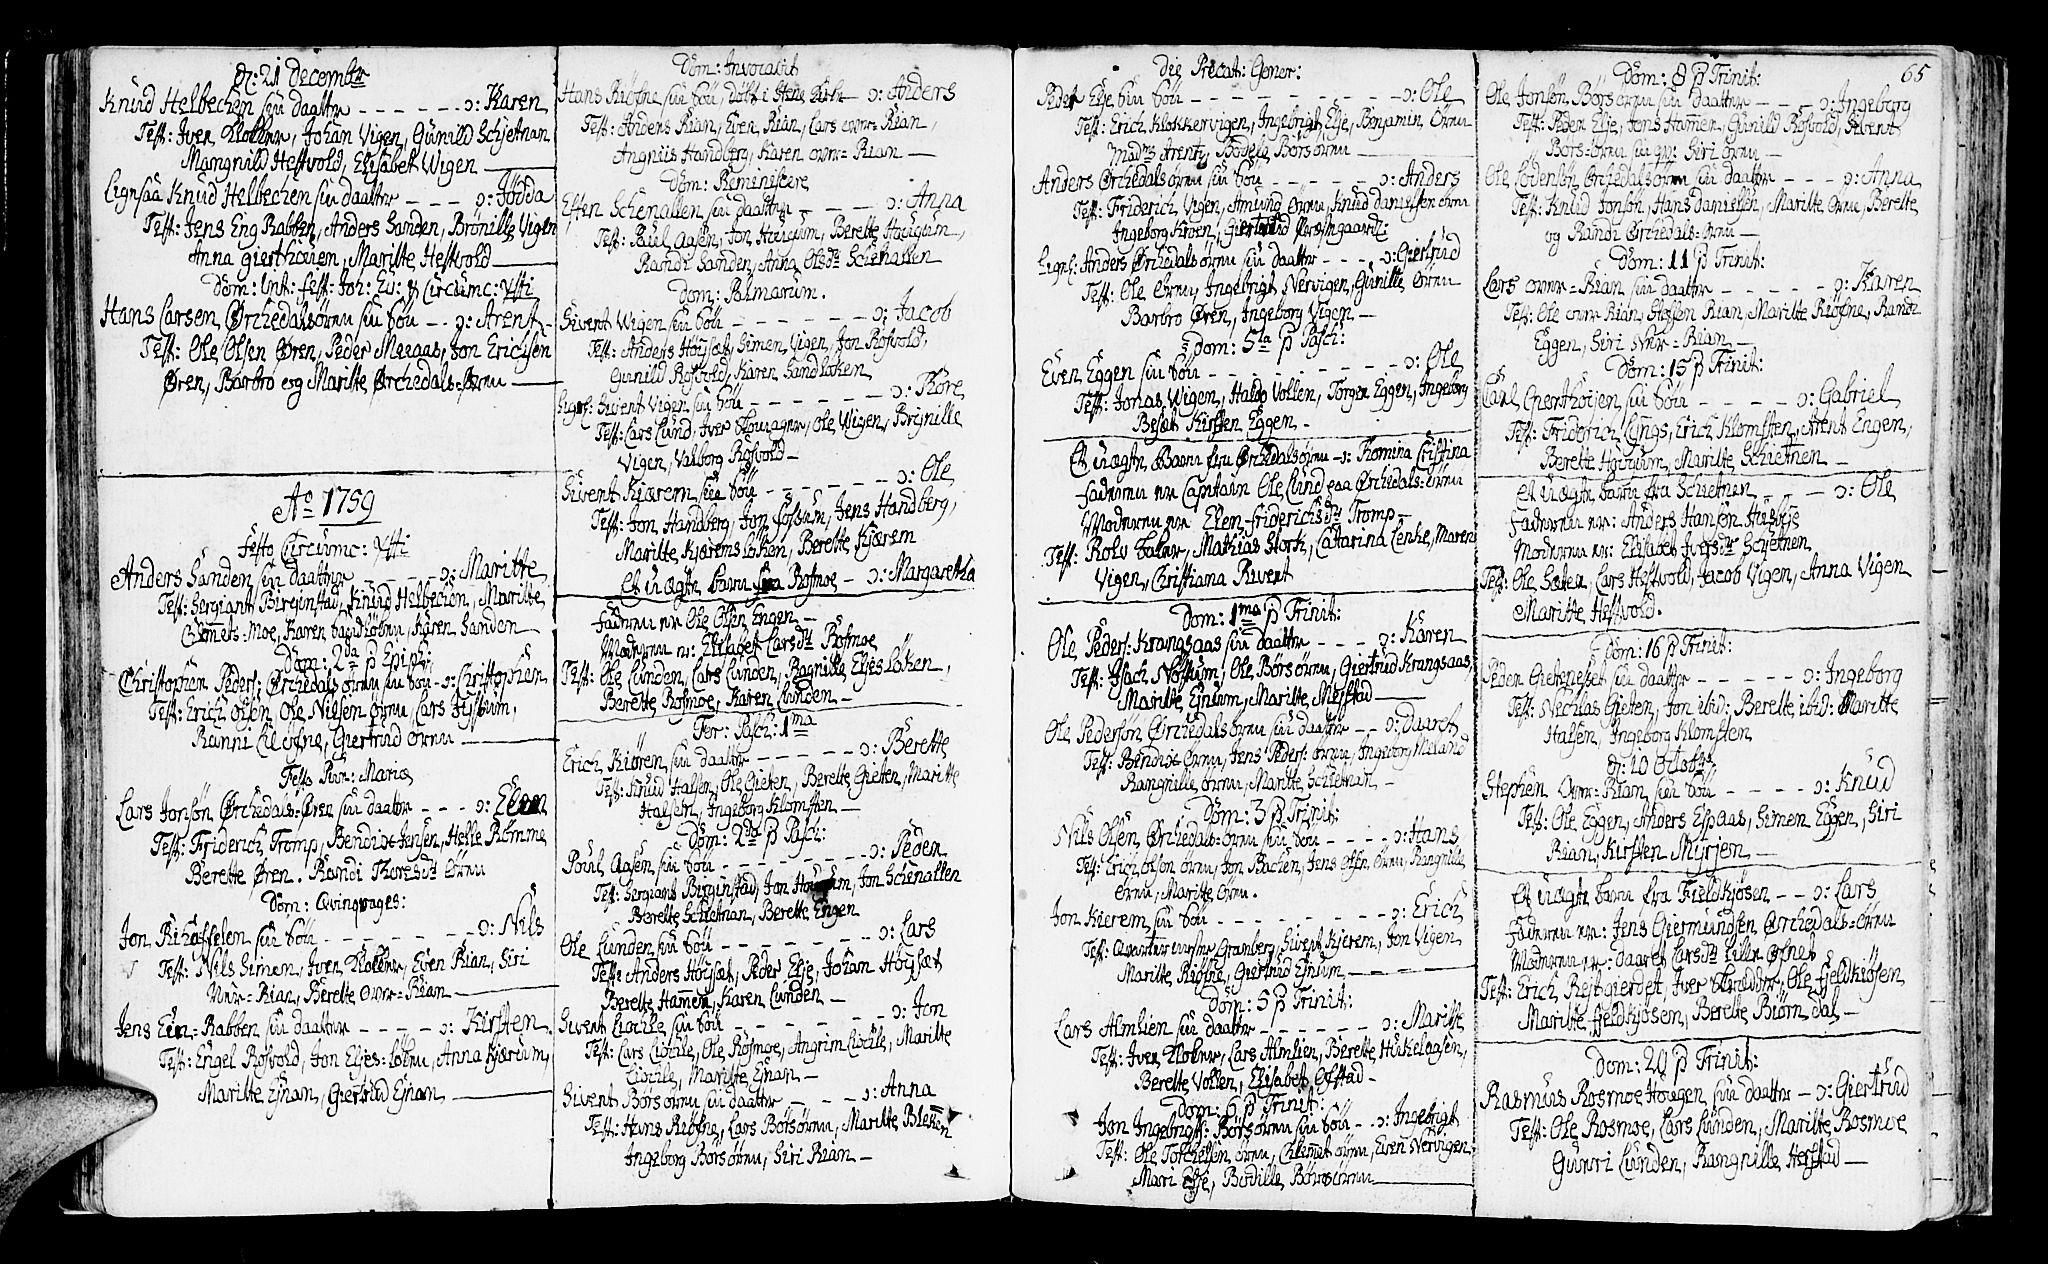 SAT, Ministerialprotokoller, klokkerbøker og fødselsregistre - Sør-Trøndelag, 665/L0768: Ministerialbok nr. 665A03, 1754-1803, s. 65